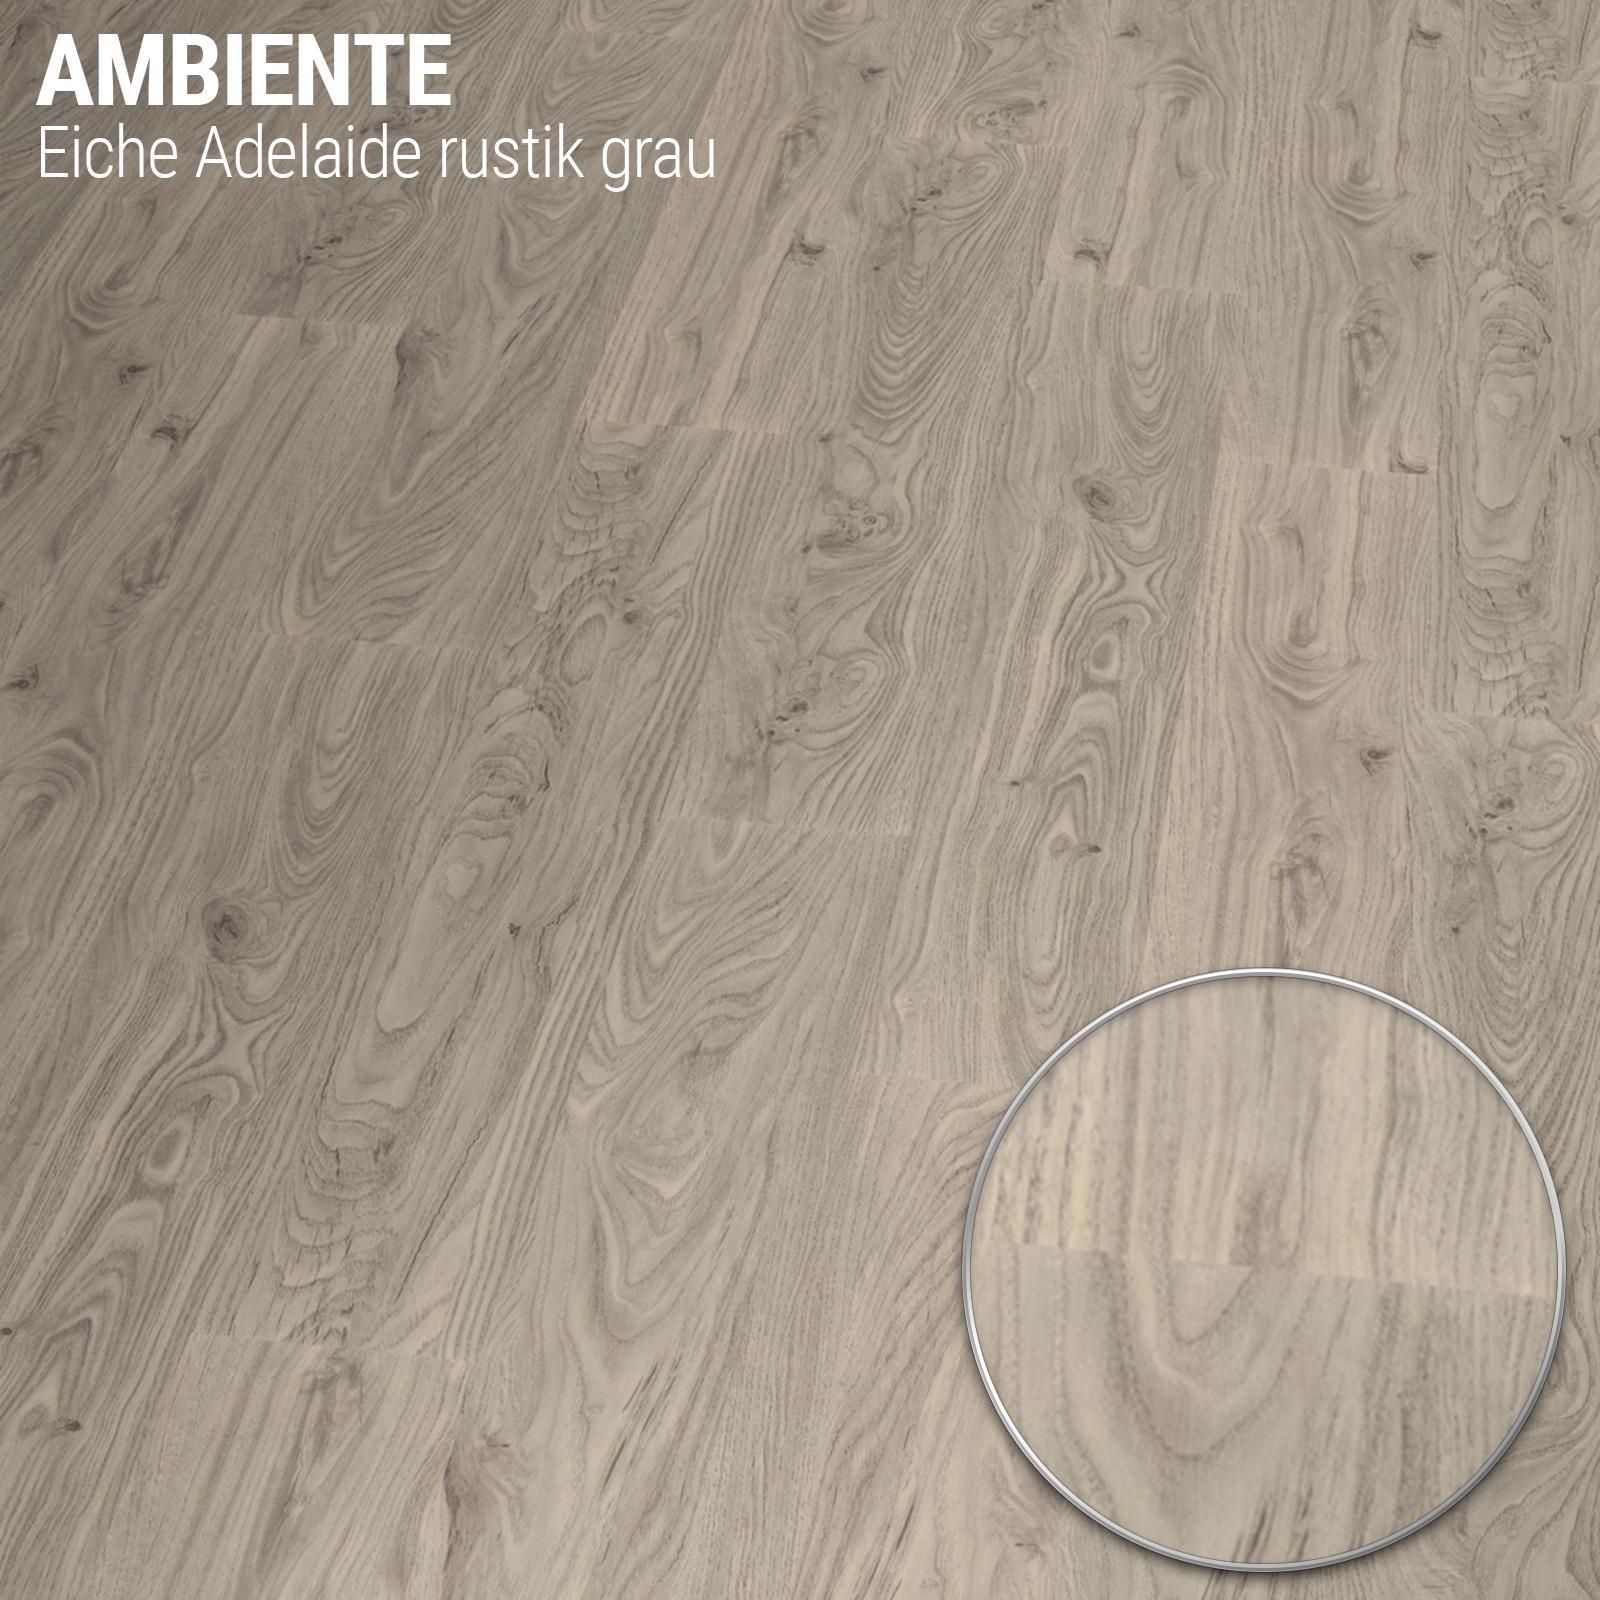 Vinylboden Pvc Klicklen Bodenbelag Eiche Landhaus Le